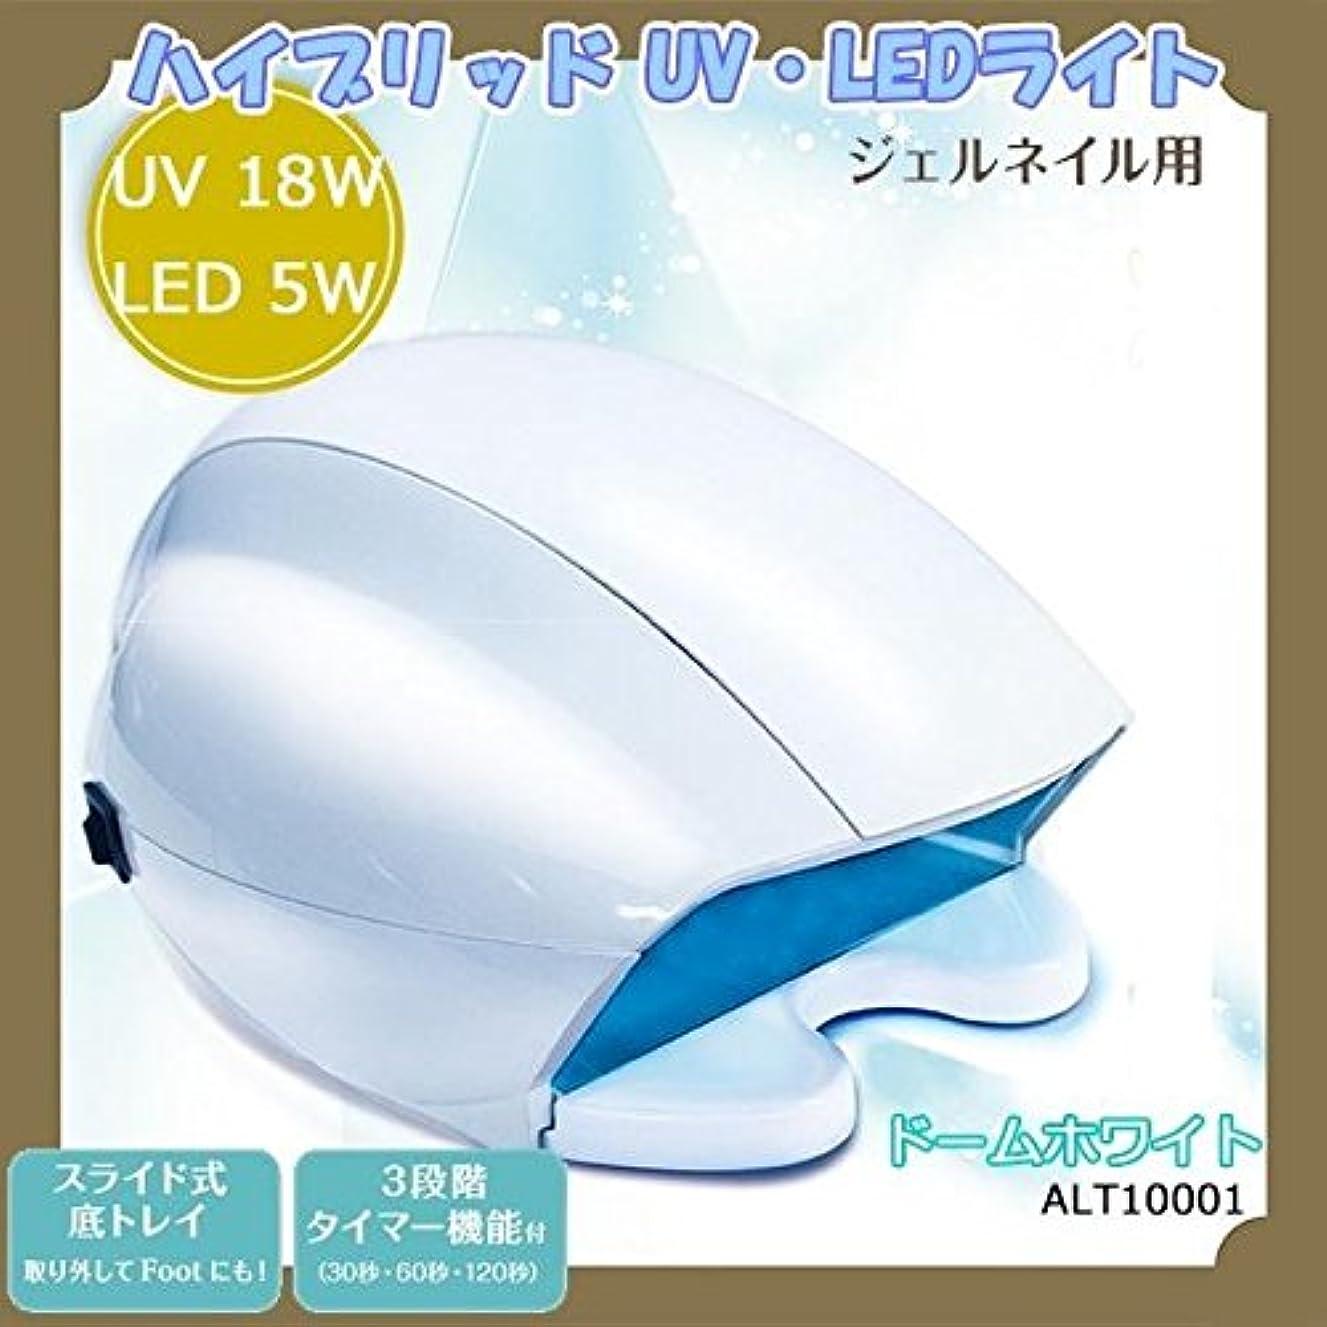 囲む乳いたずらなビューティーワールド ジェルネイル用 ハイブリッド UV?LEDライト ドームホワイト ALT10001